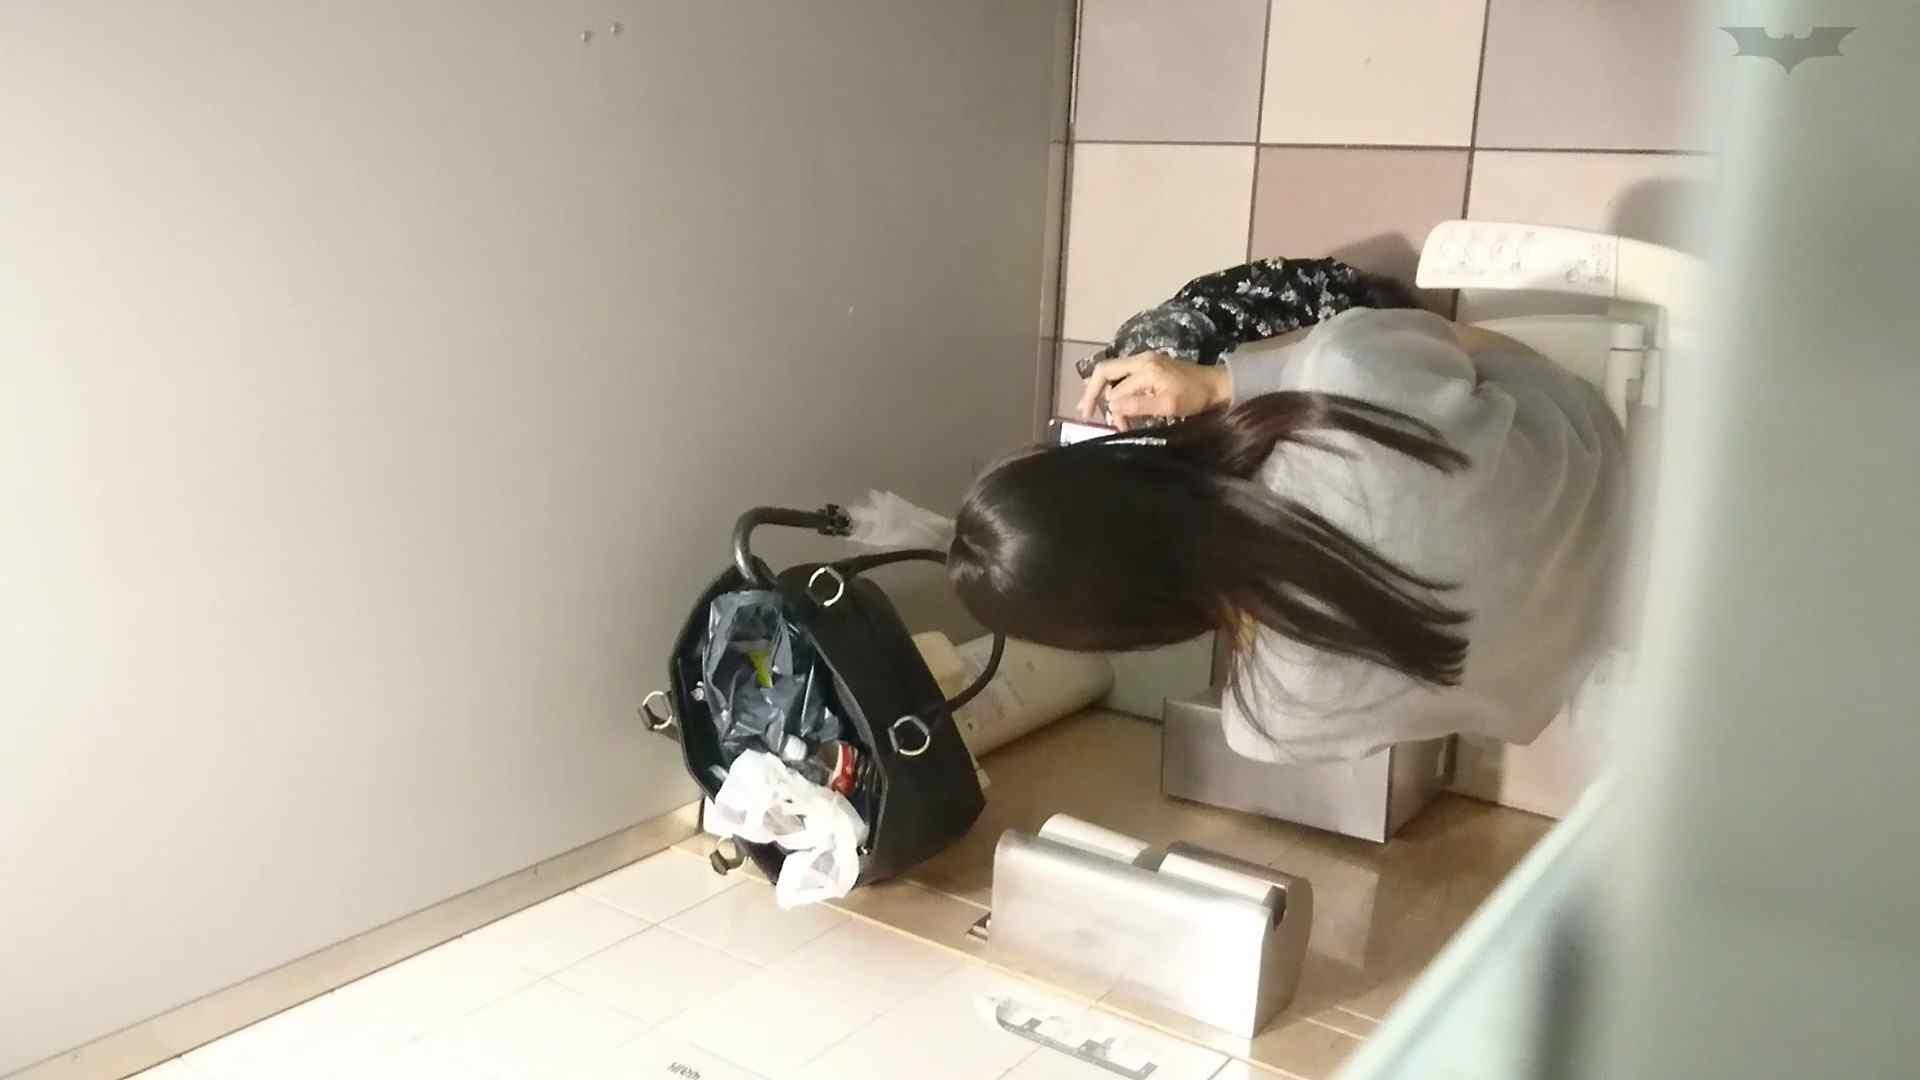 化粧室絵巻 ショッピングモール編 VOL.21 丸見え オメコ動画キャプチャ 65画像 9